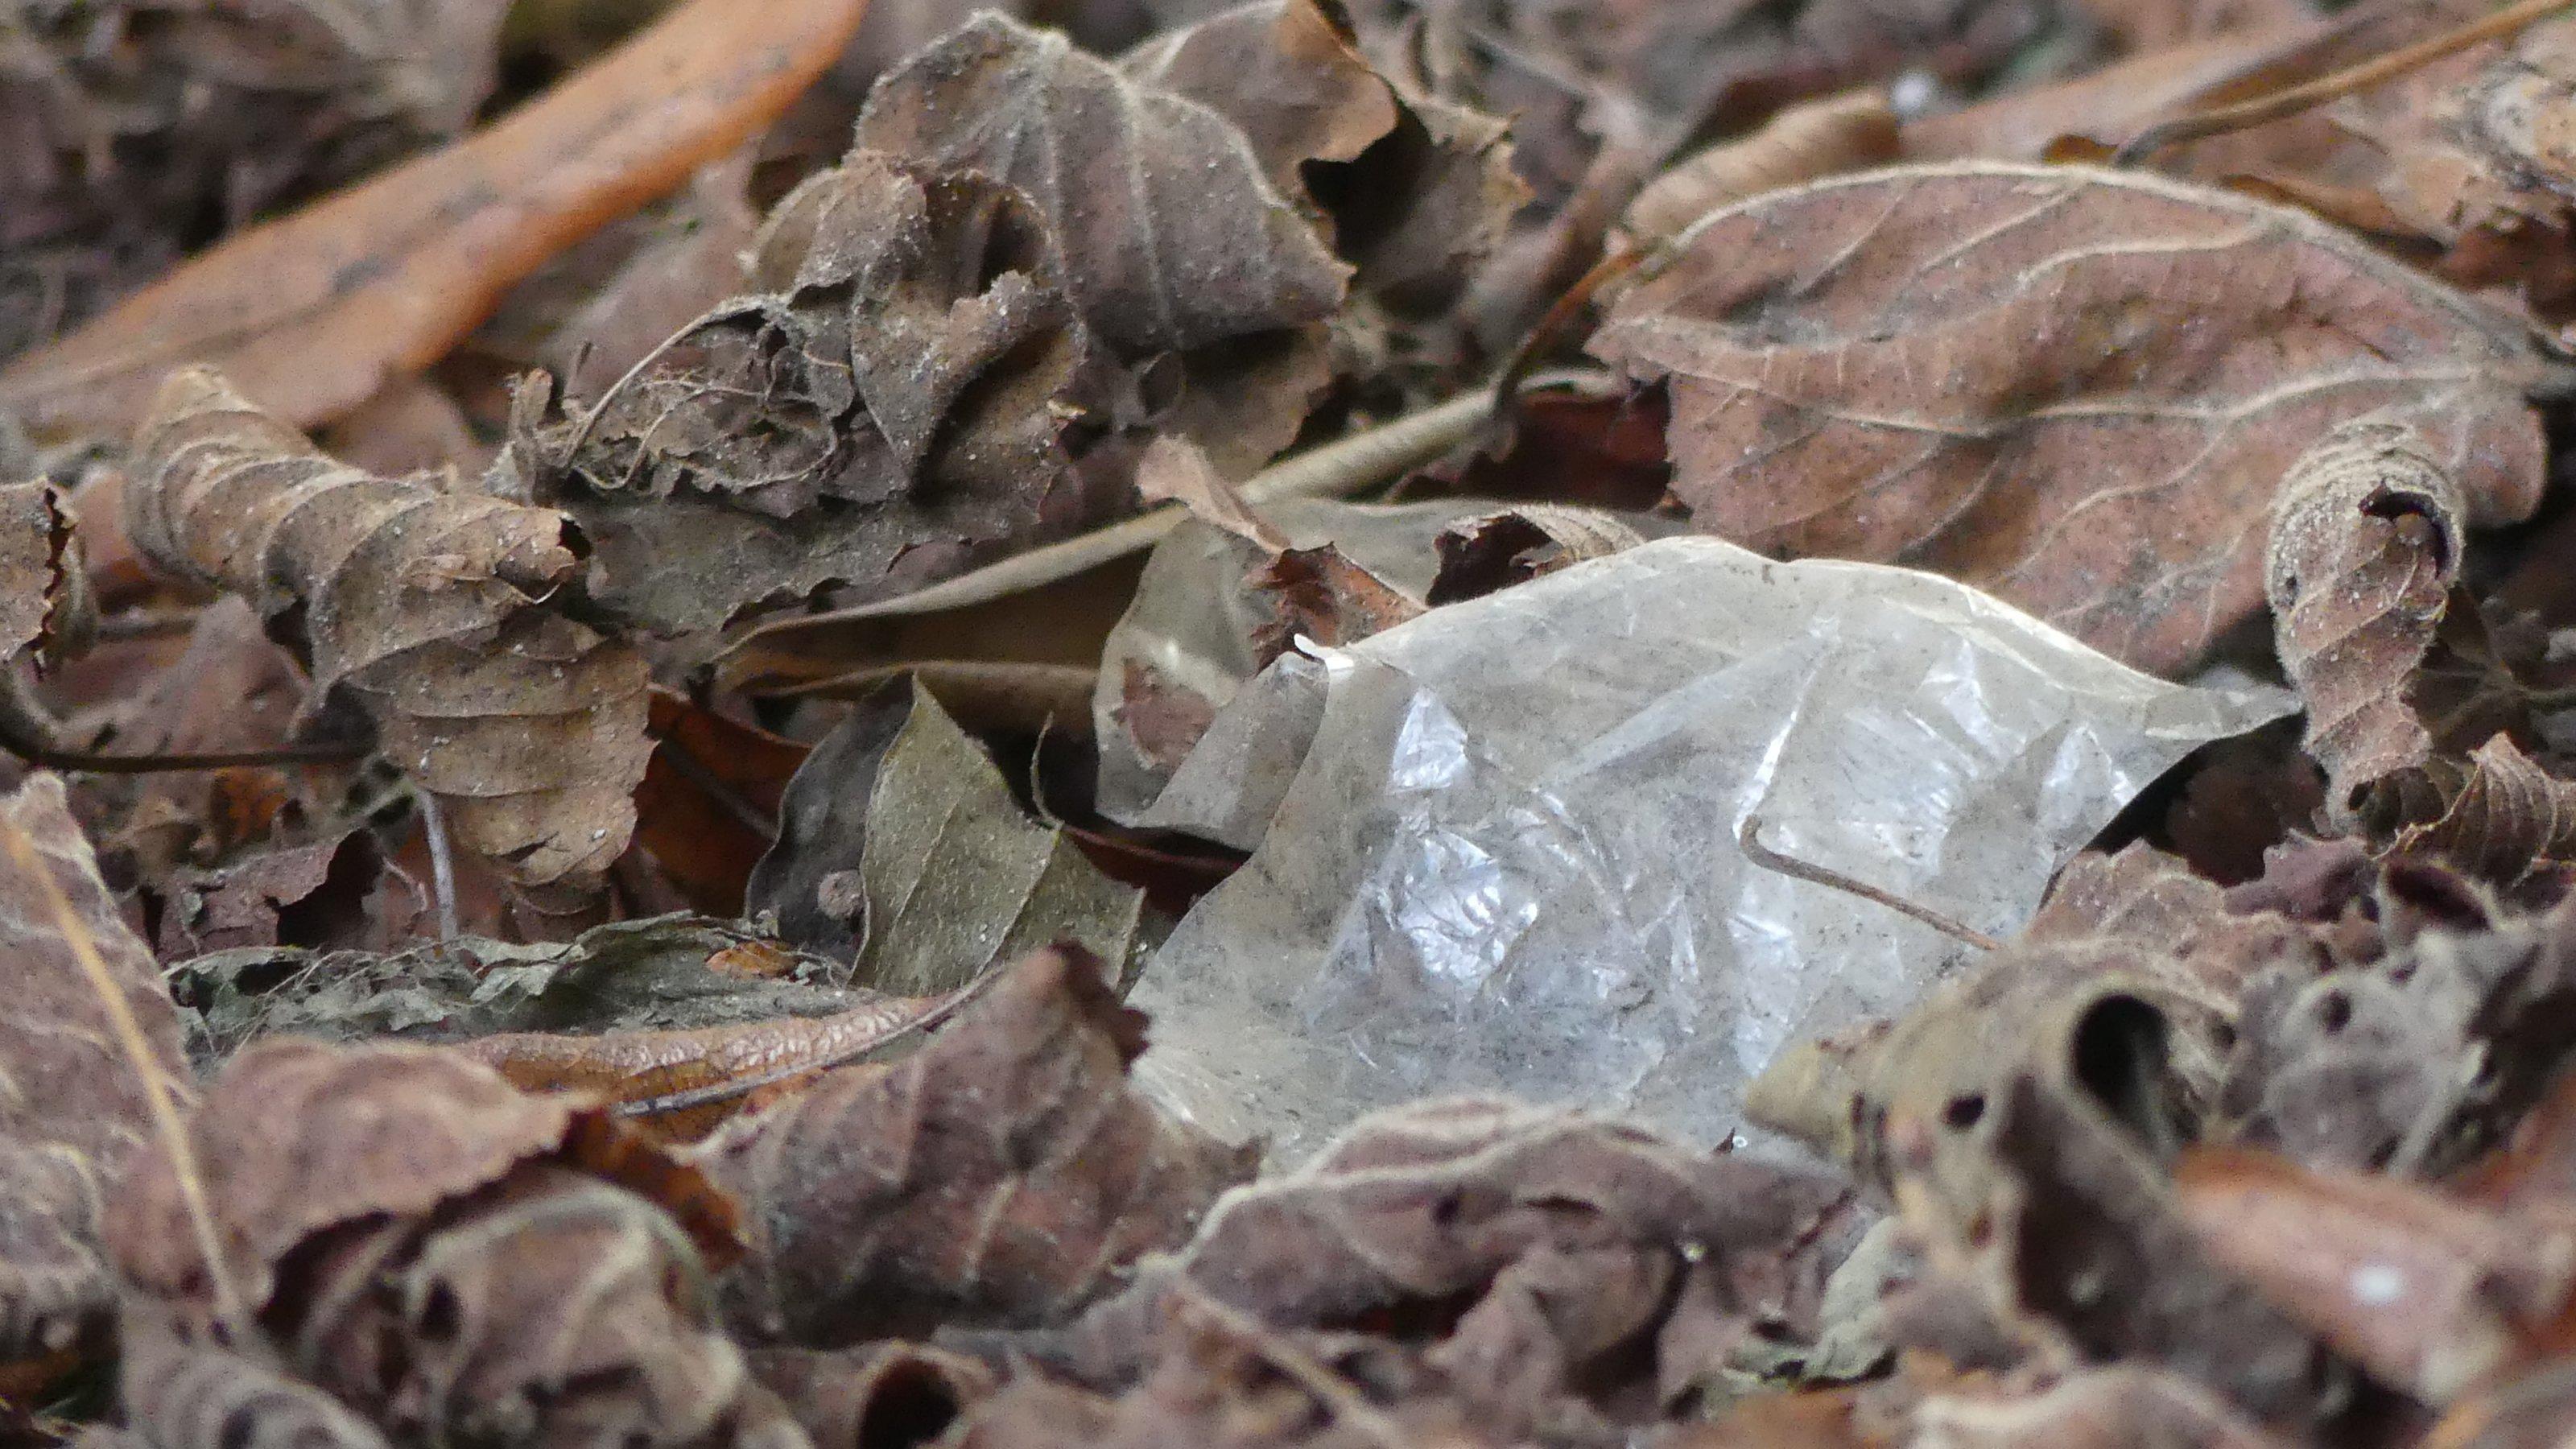 Ein Teil durchsichtiges Plastik zwischen braunem Laub.